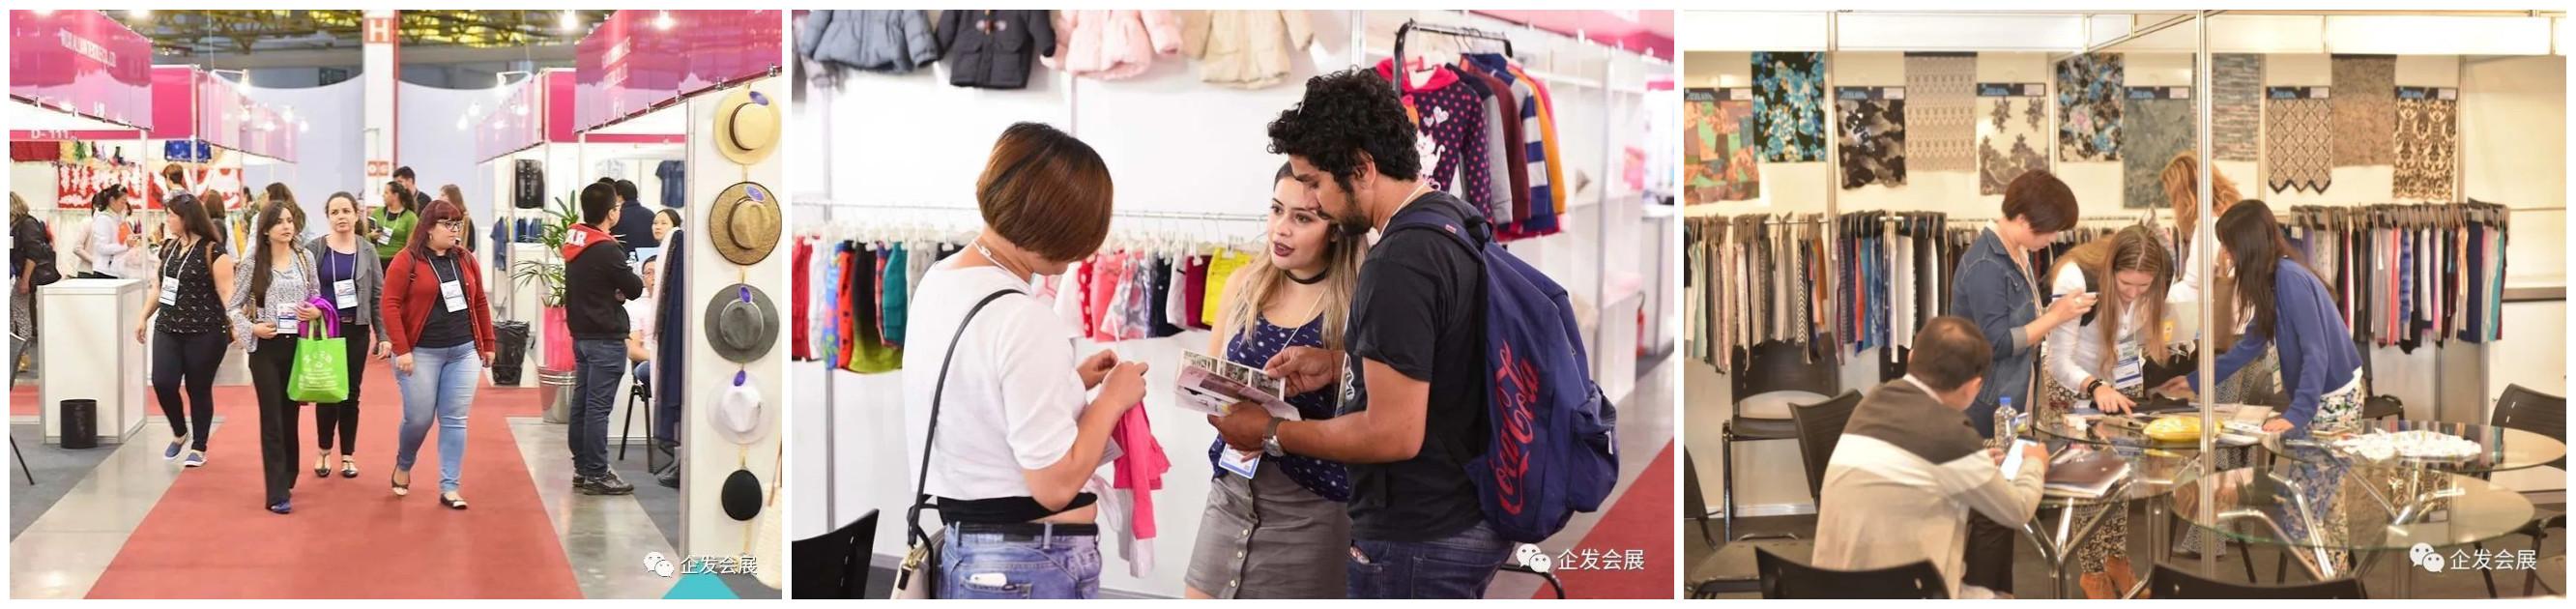 巴西圣保罗国际纺织服装采购展